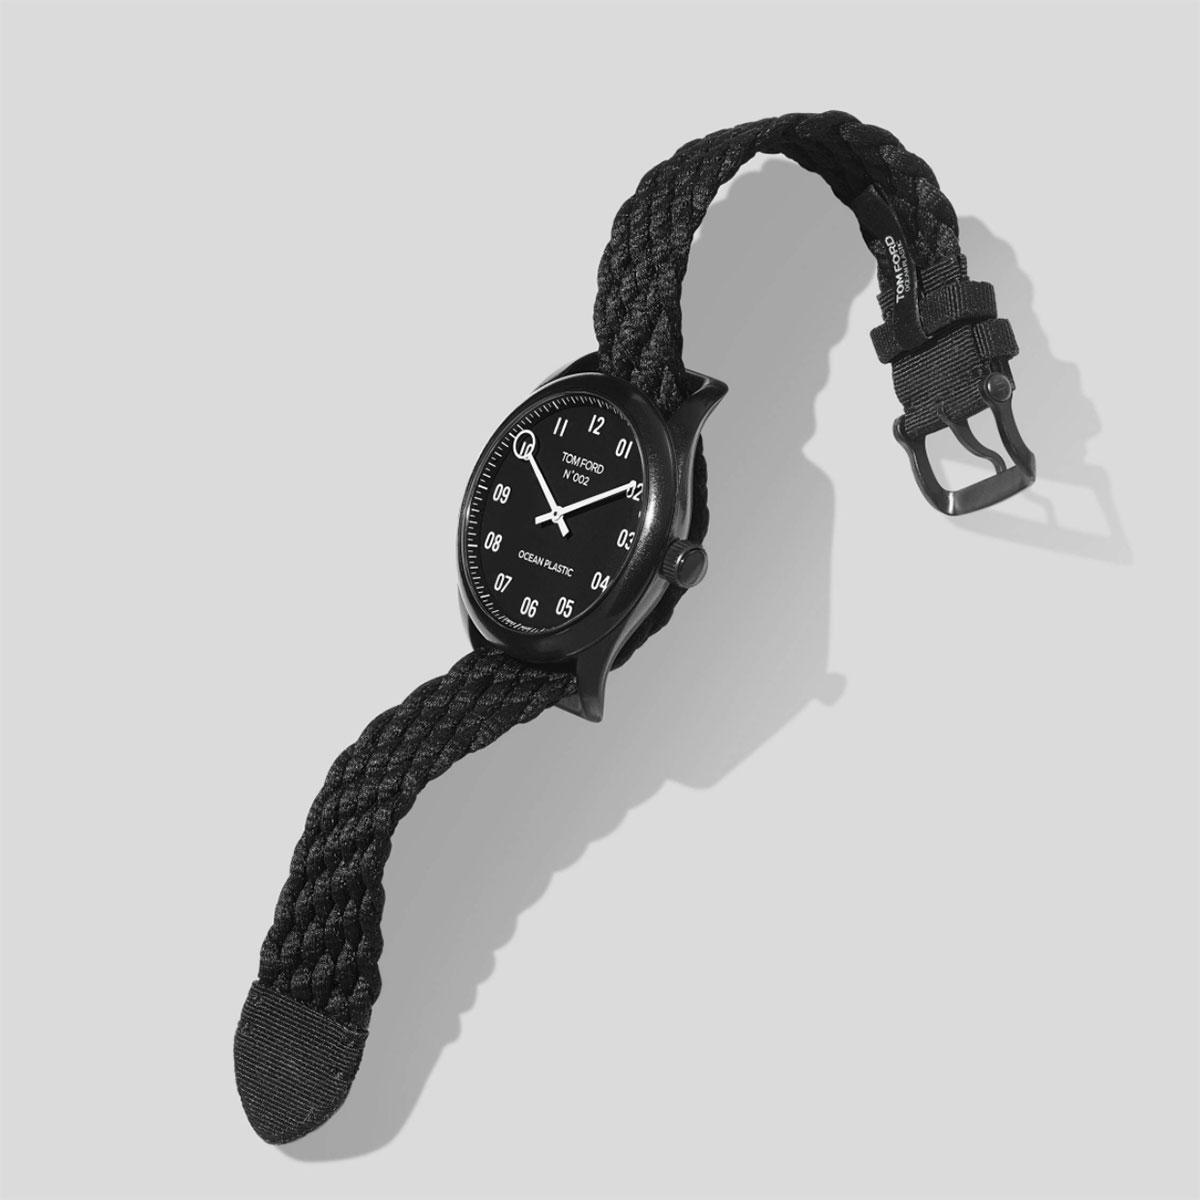 Đồng hồ tái chế từ rác thải nhựa, Tom Ford Ocean Plastic Watch